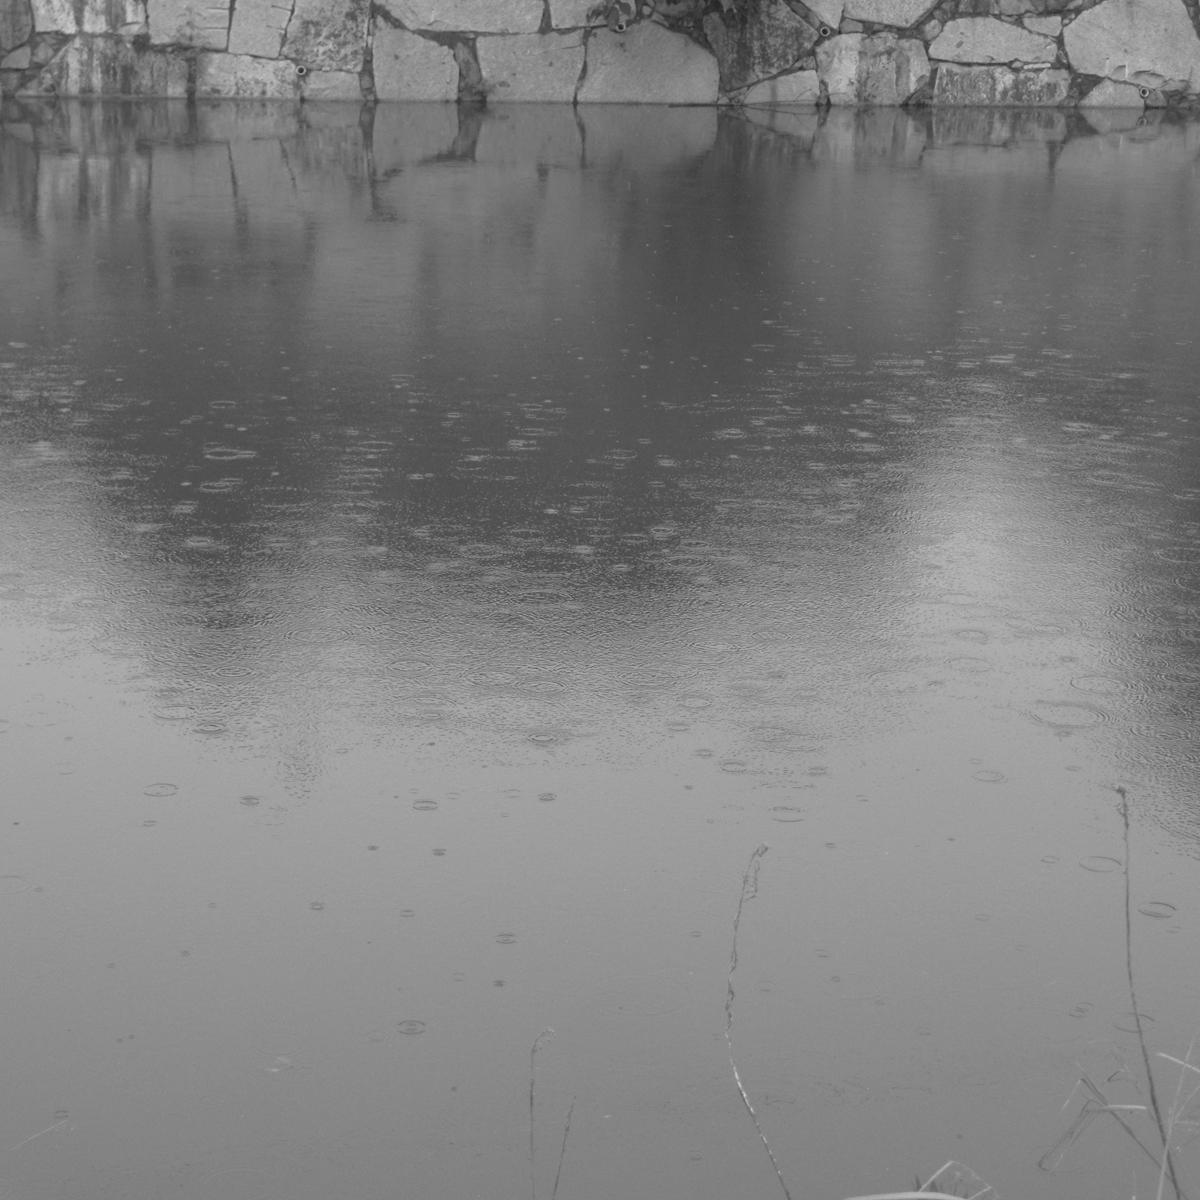 雨の日20150704 (12)